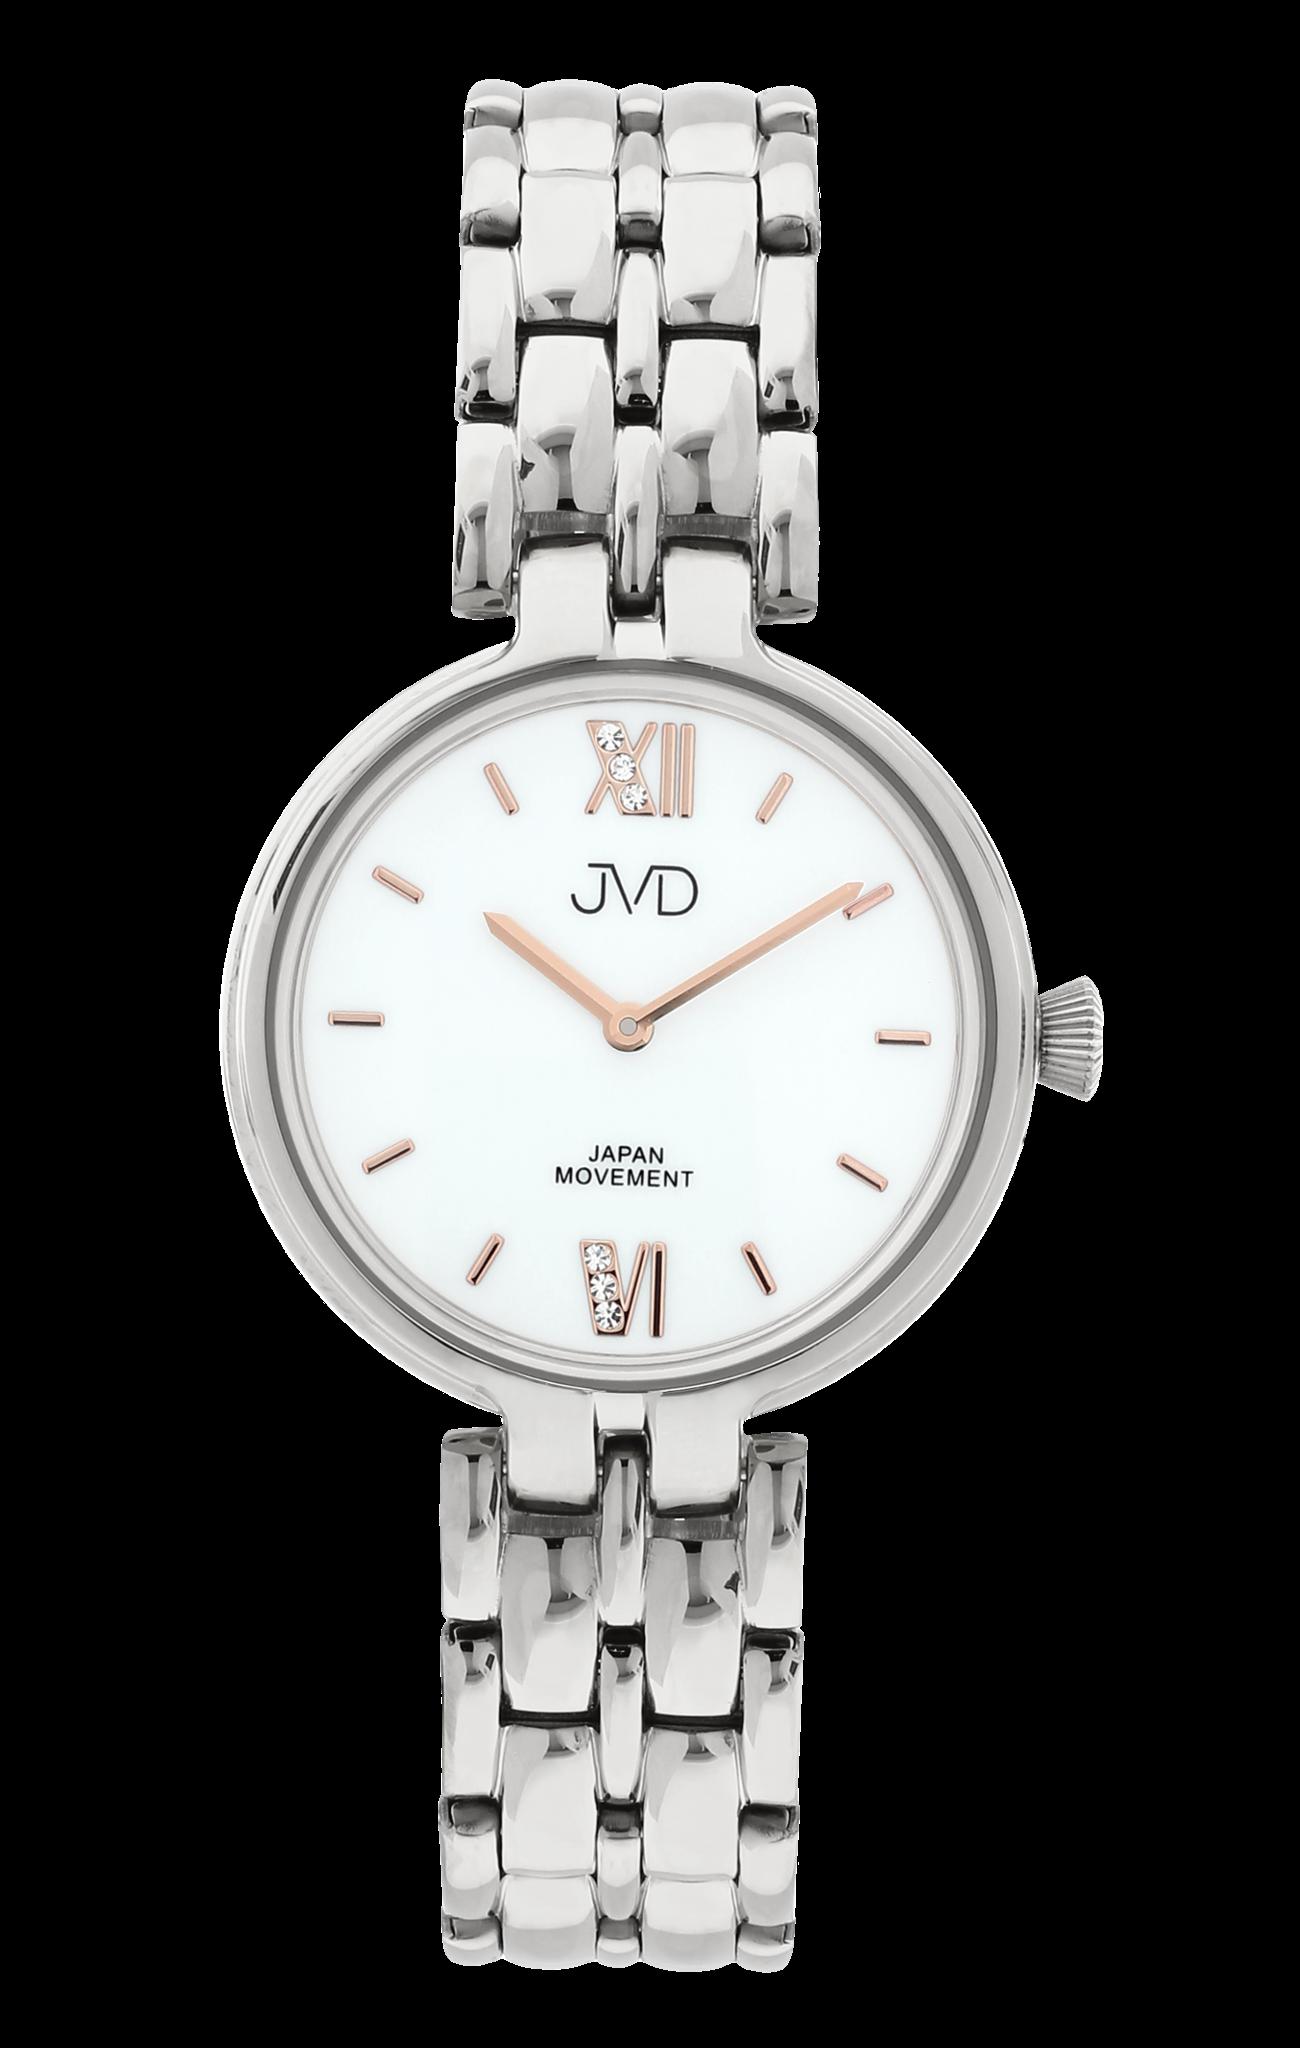 Dámské elegantní šperkové náramkové hodinky JVD JC001.1  68cd6282a2c